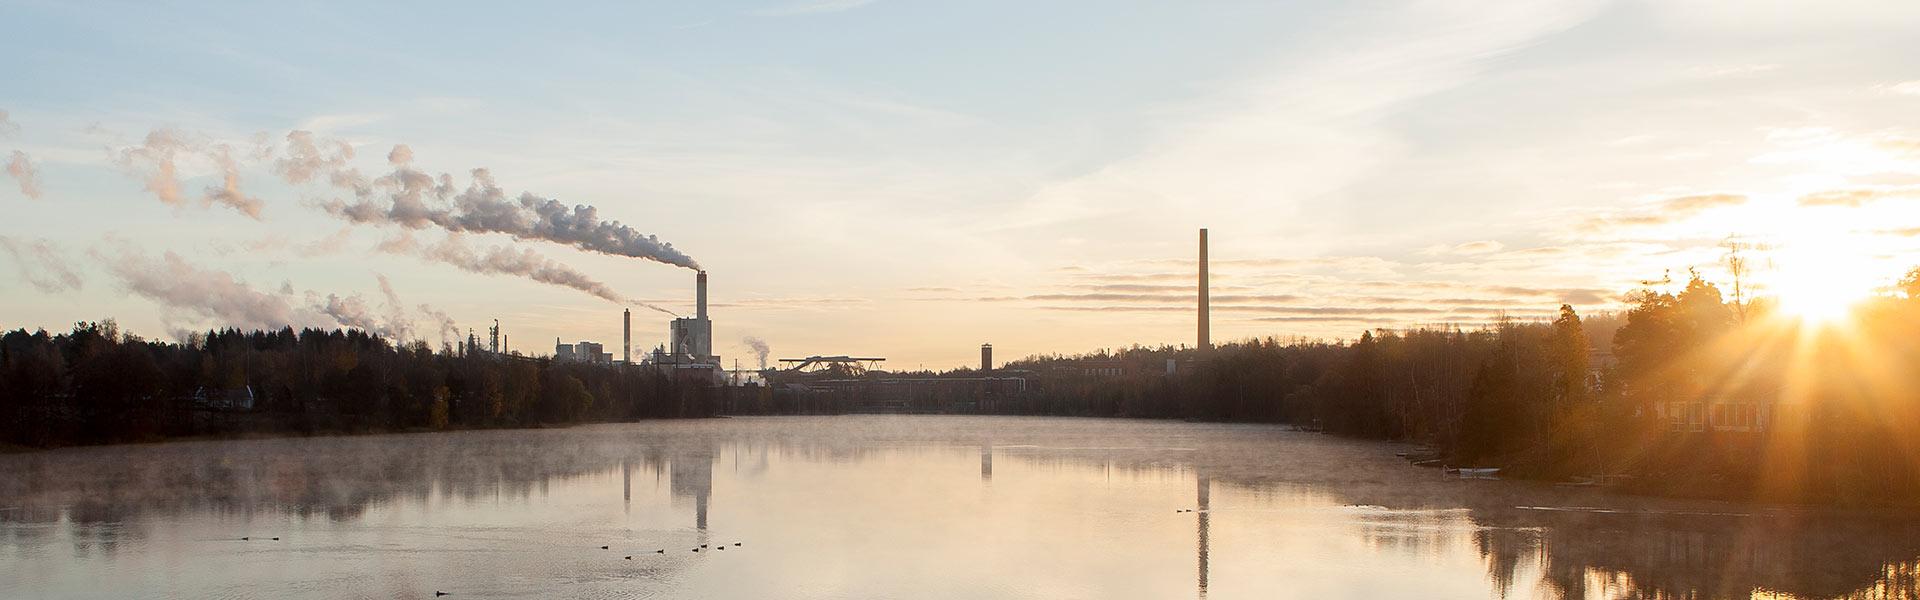 Kymijoen Vesi ja Ympäristö - Jäsenistö